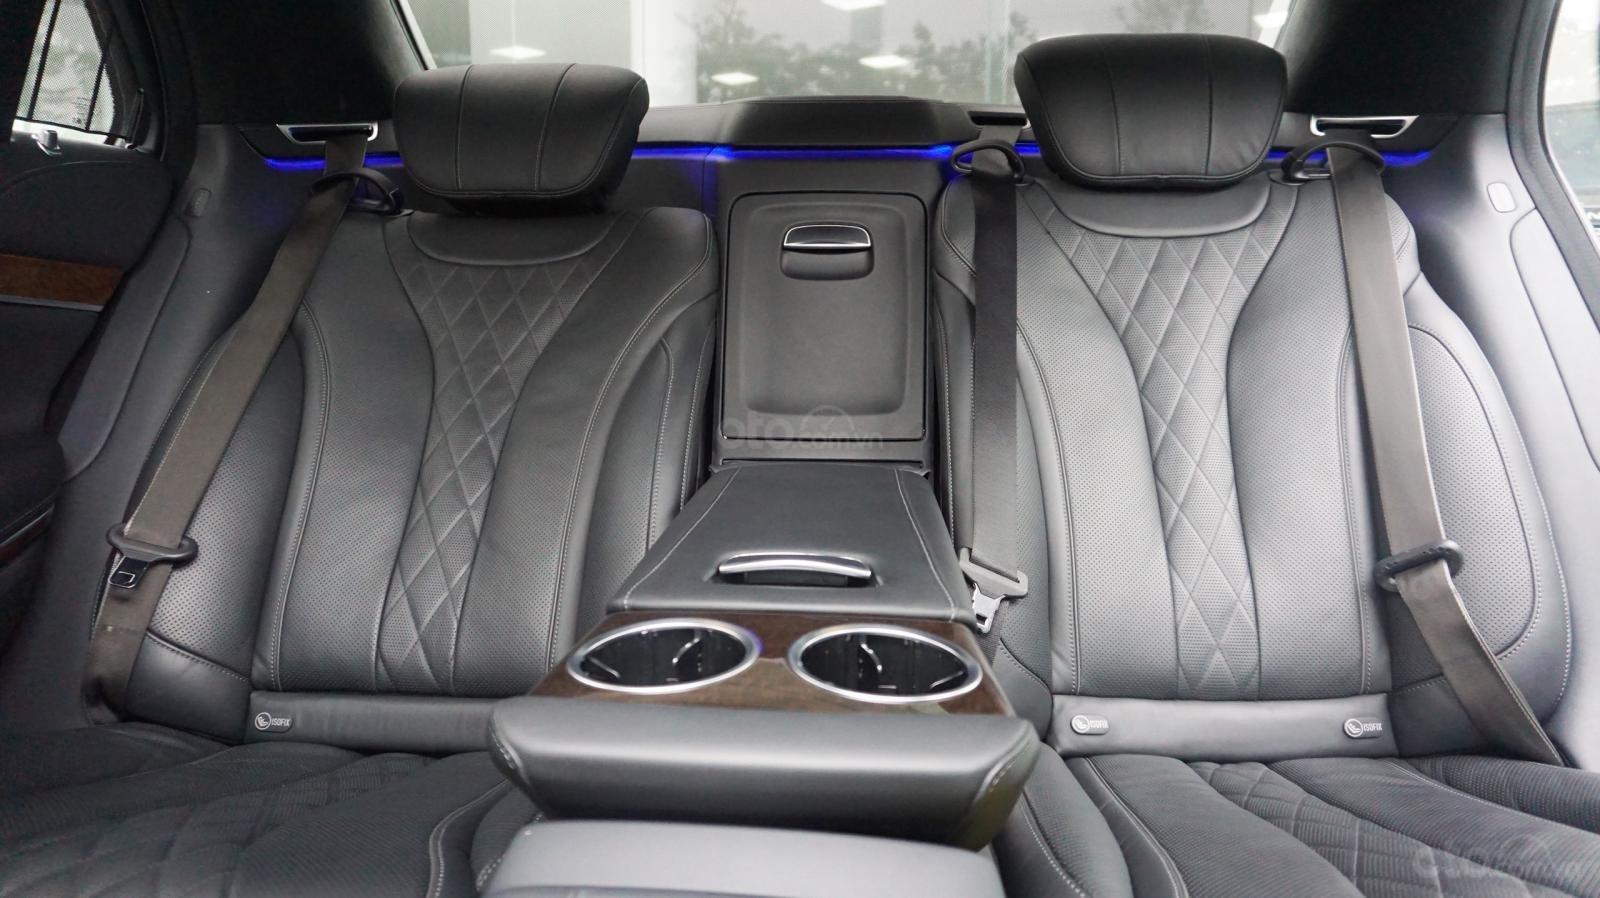 Bán xe Mercedes S500L đời 2017, màu đen, xe siêu siêu lướt cực đẹp. LH: 0982.84.2838 (6)